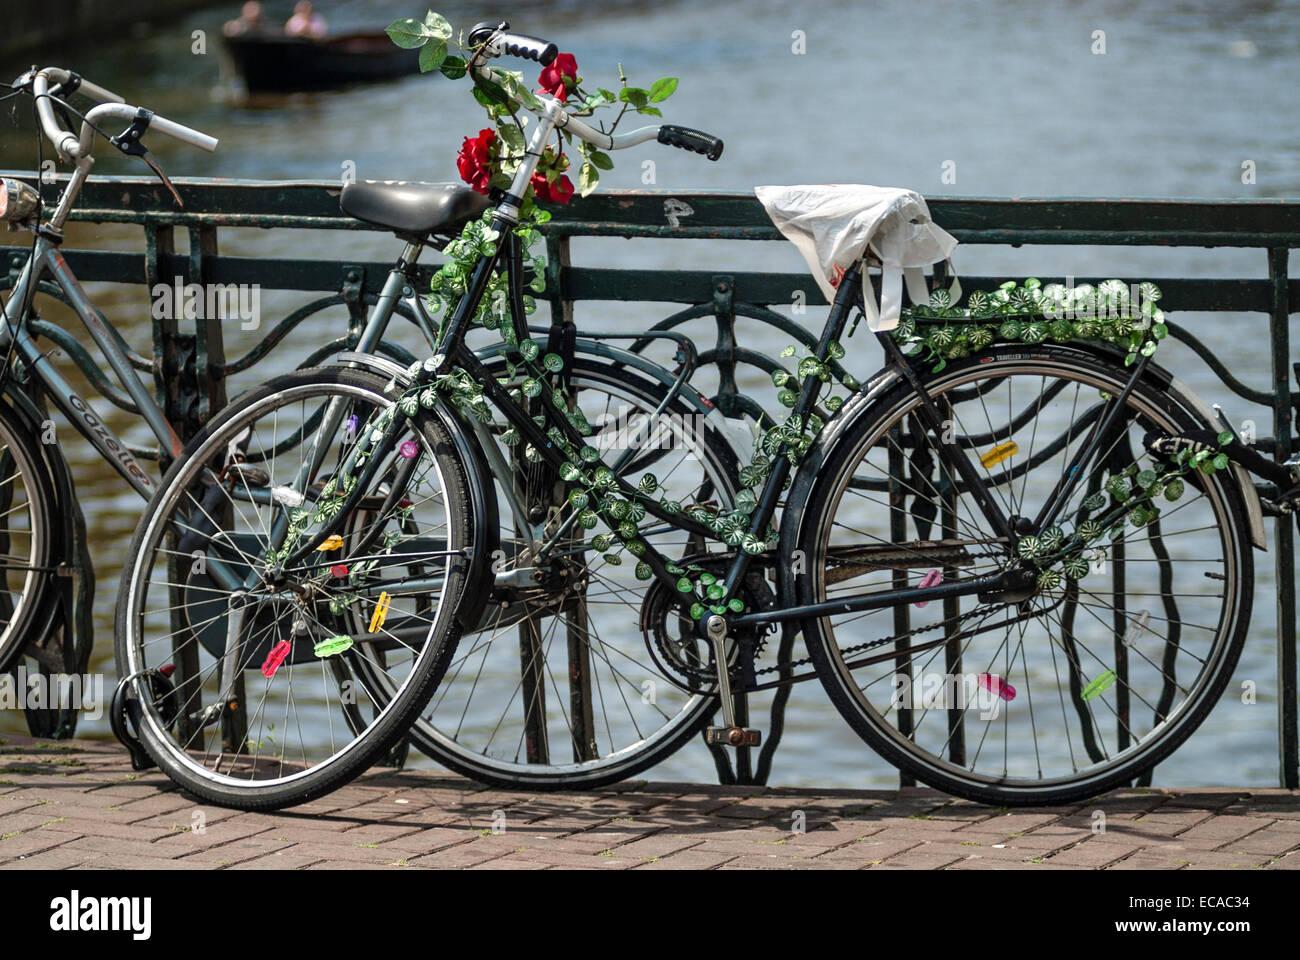 Vieux vélo unique avec des roses en stationnement sur un pont dans le centre-ville d'Amsterdam, Pays-Bas. Banque D'Images